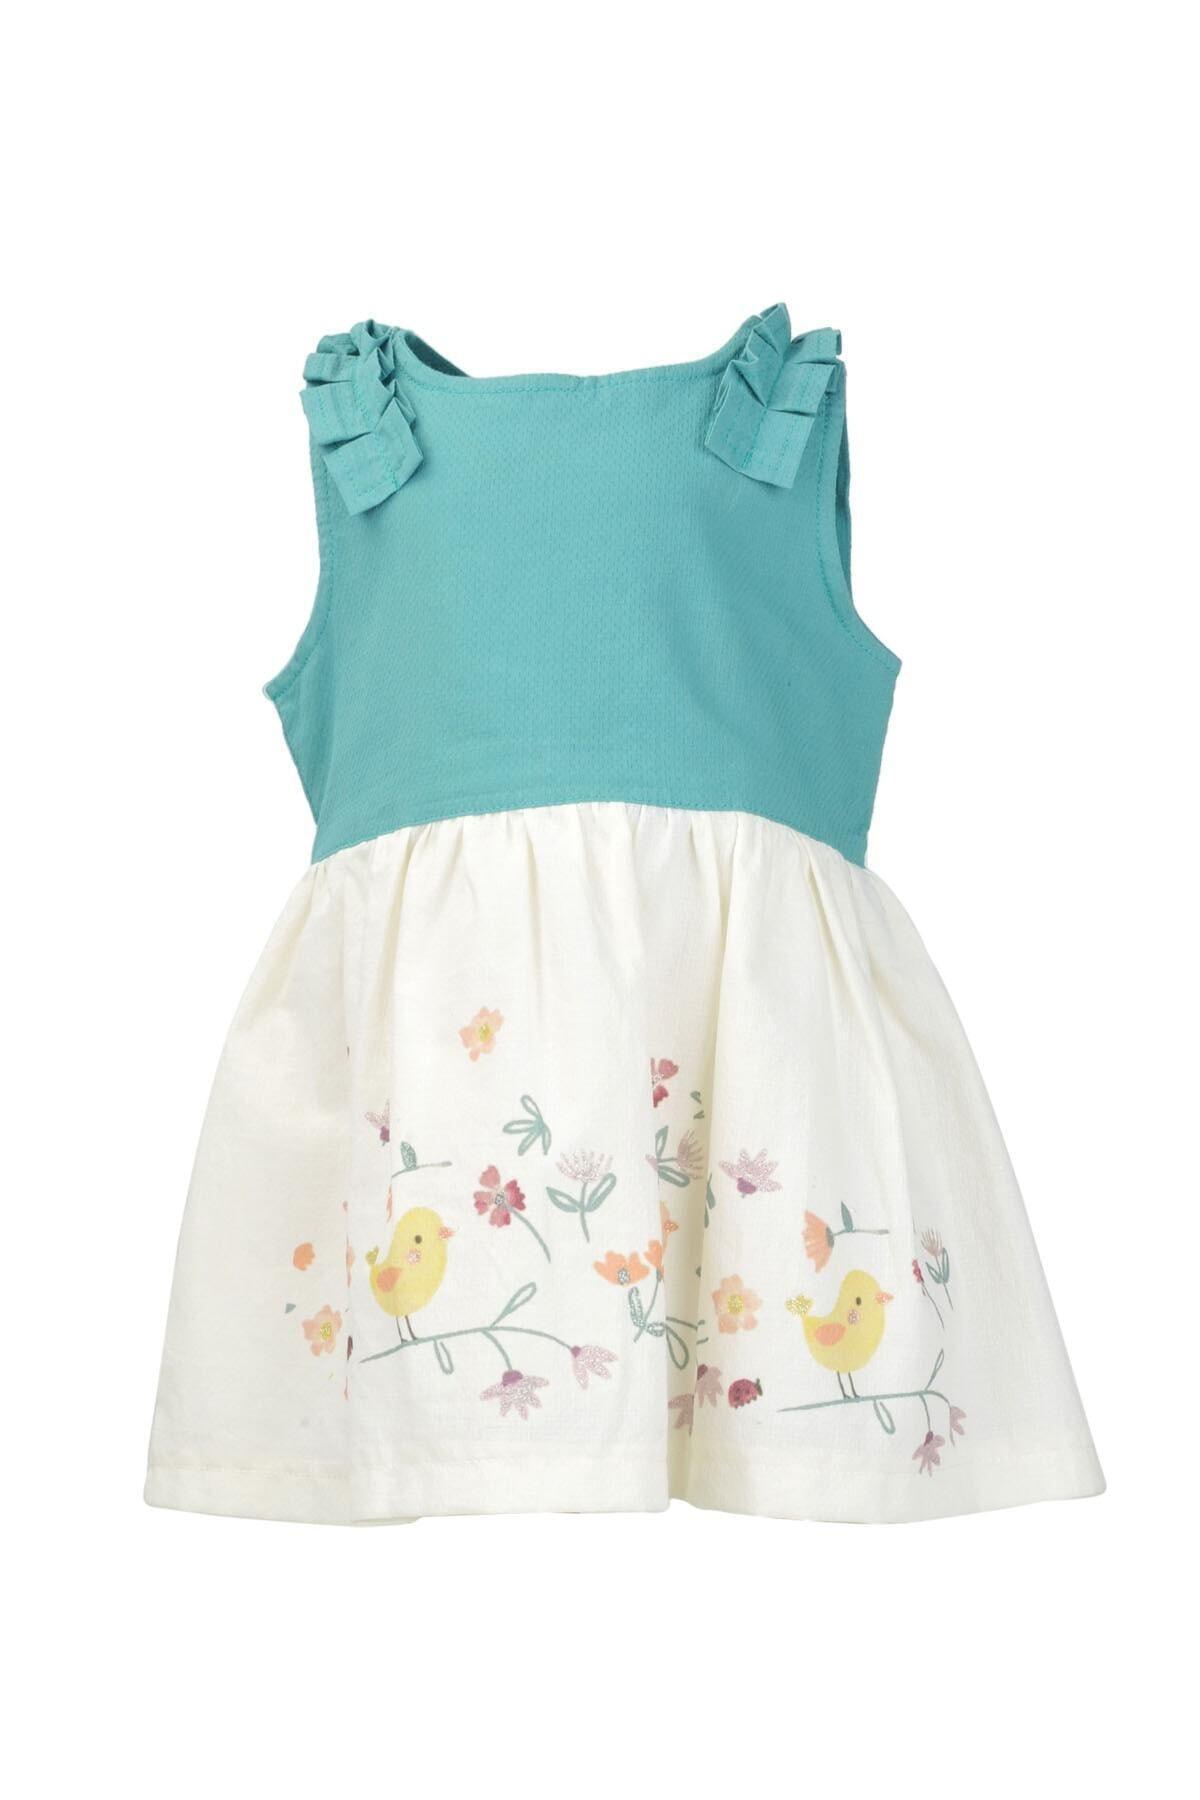 Zeyland Kız Çocuk Yeşil Kuş Baskılı Dokuma Elbise (9ay-4yaş) 1